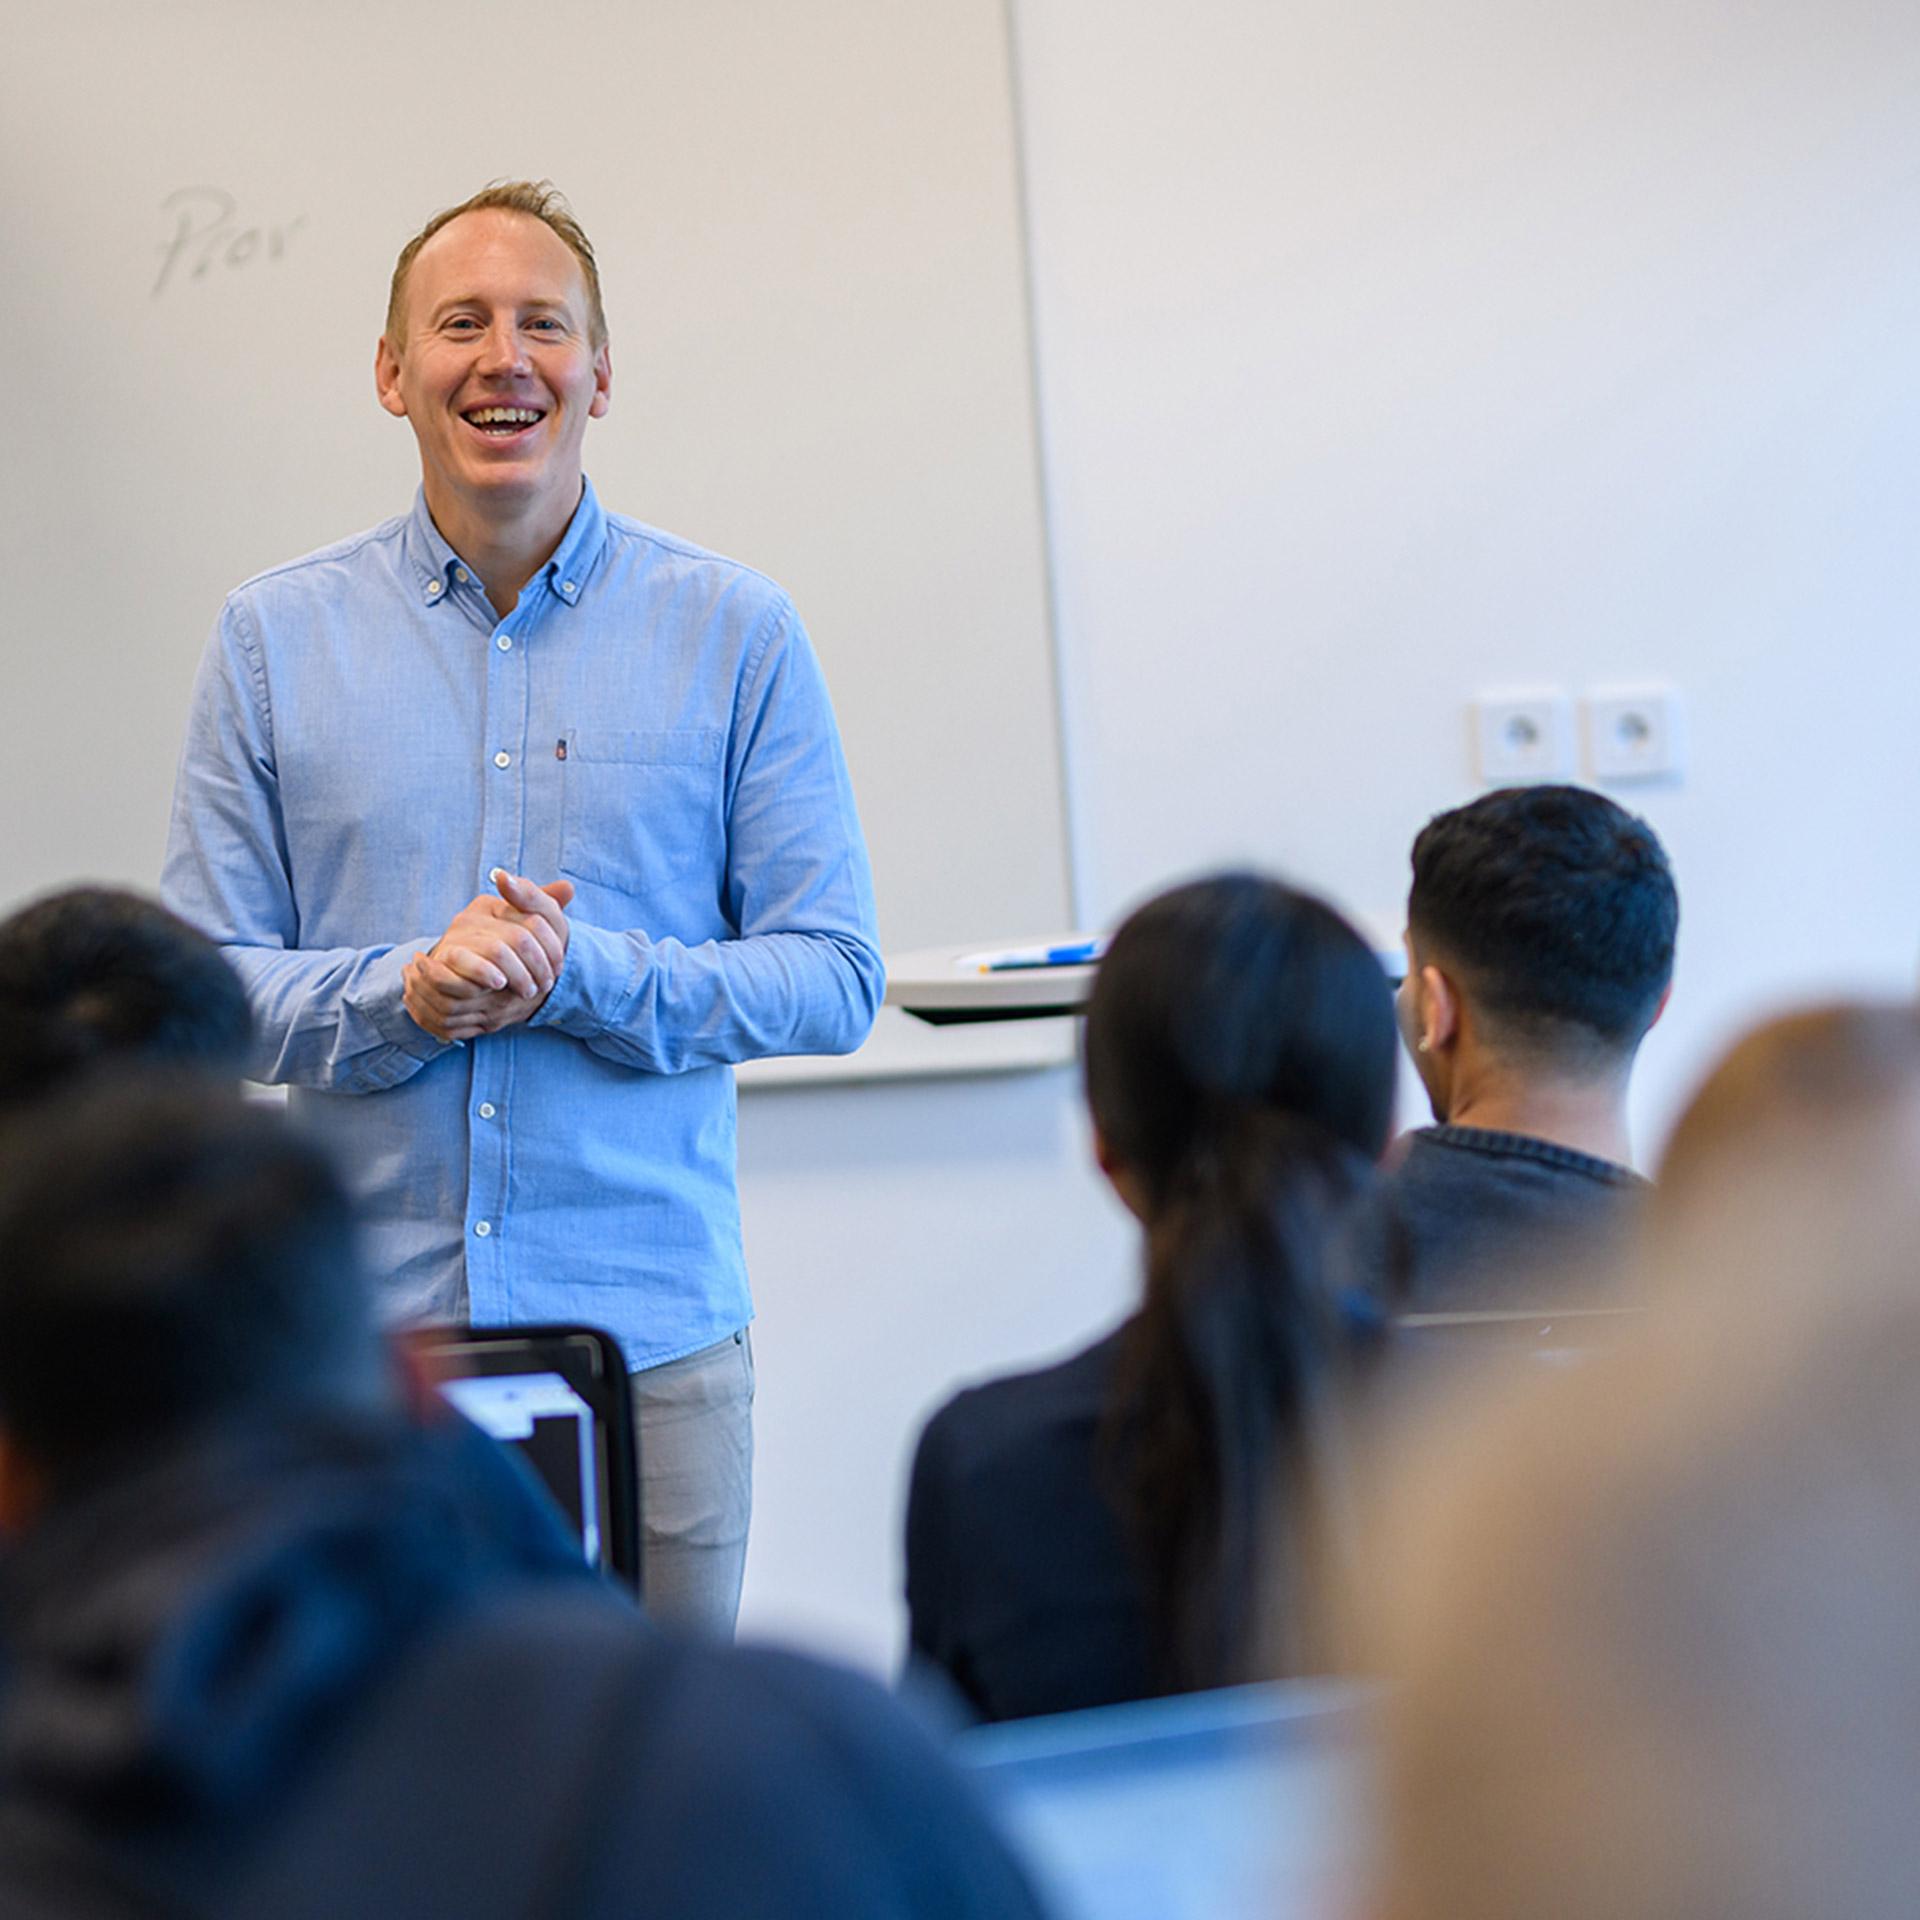 En manlig lärare står framför whiteboardtavlan och undervisar elever